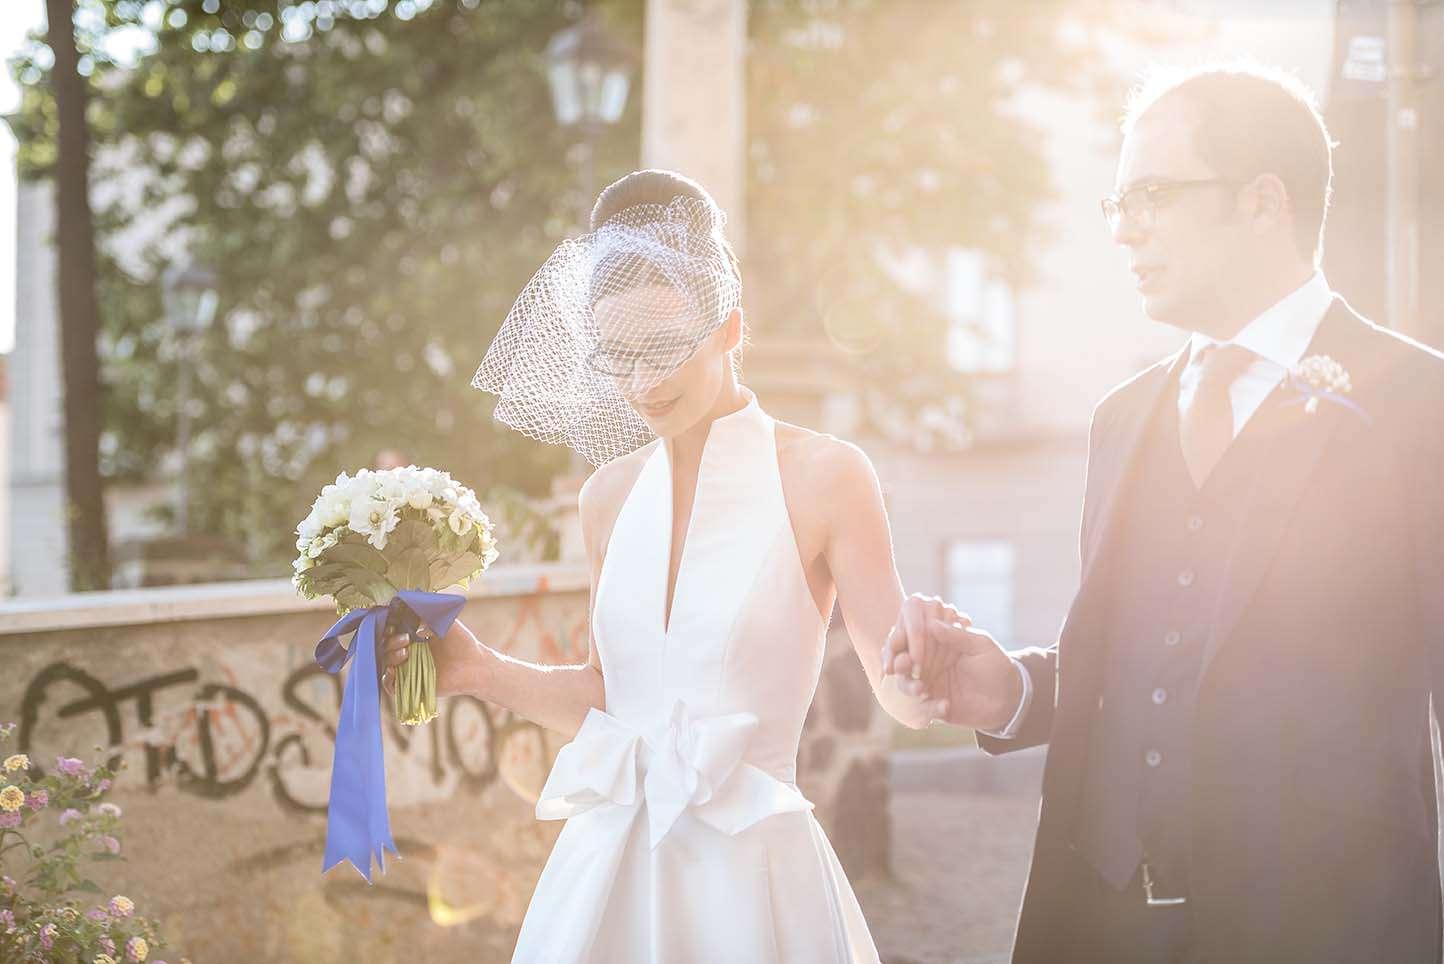 Fotografia sposa al tramonto con bouquet e veletta realizzata da Barbara Trincone fotografa con studio a Pozzuoli Napoli, specializzata in wedding reportage